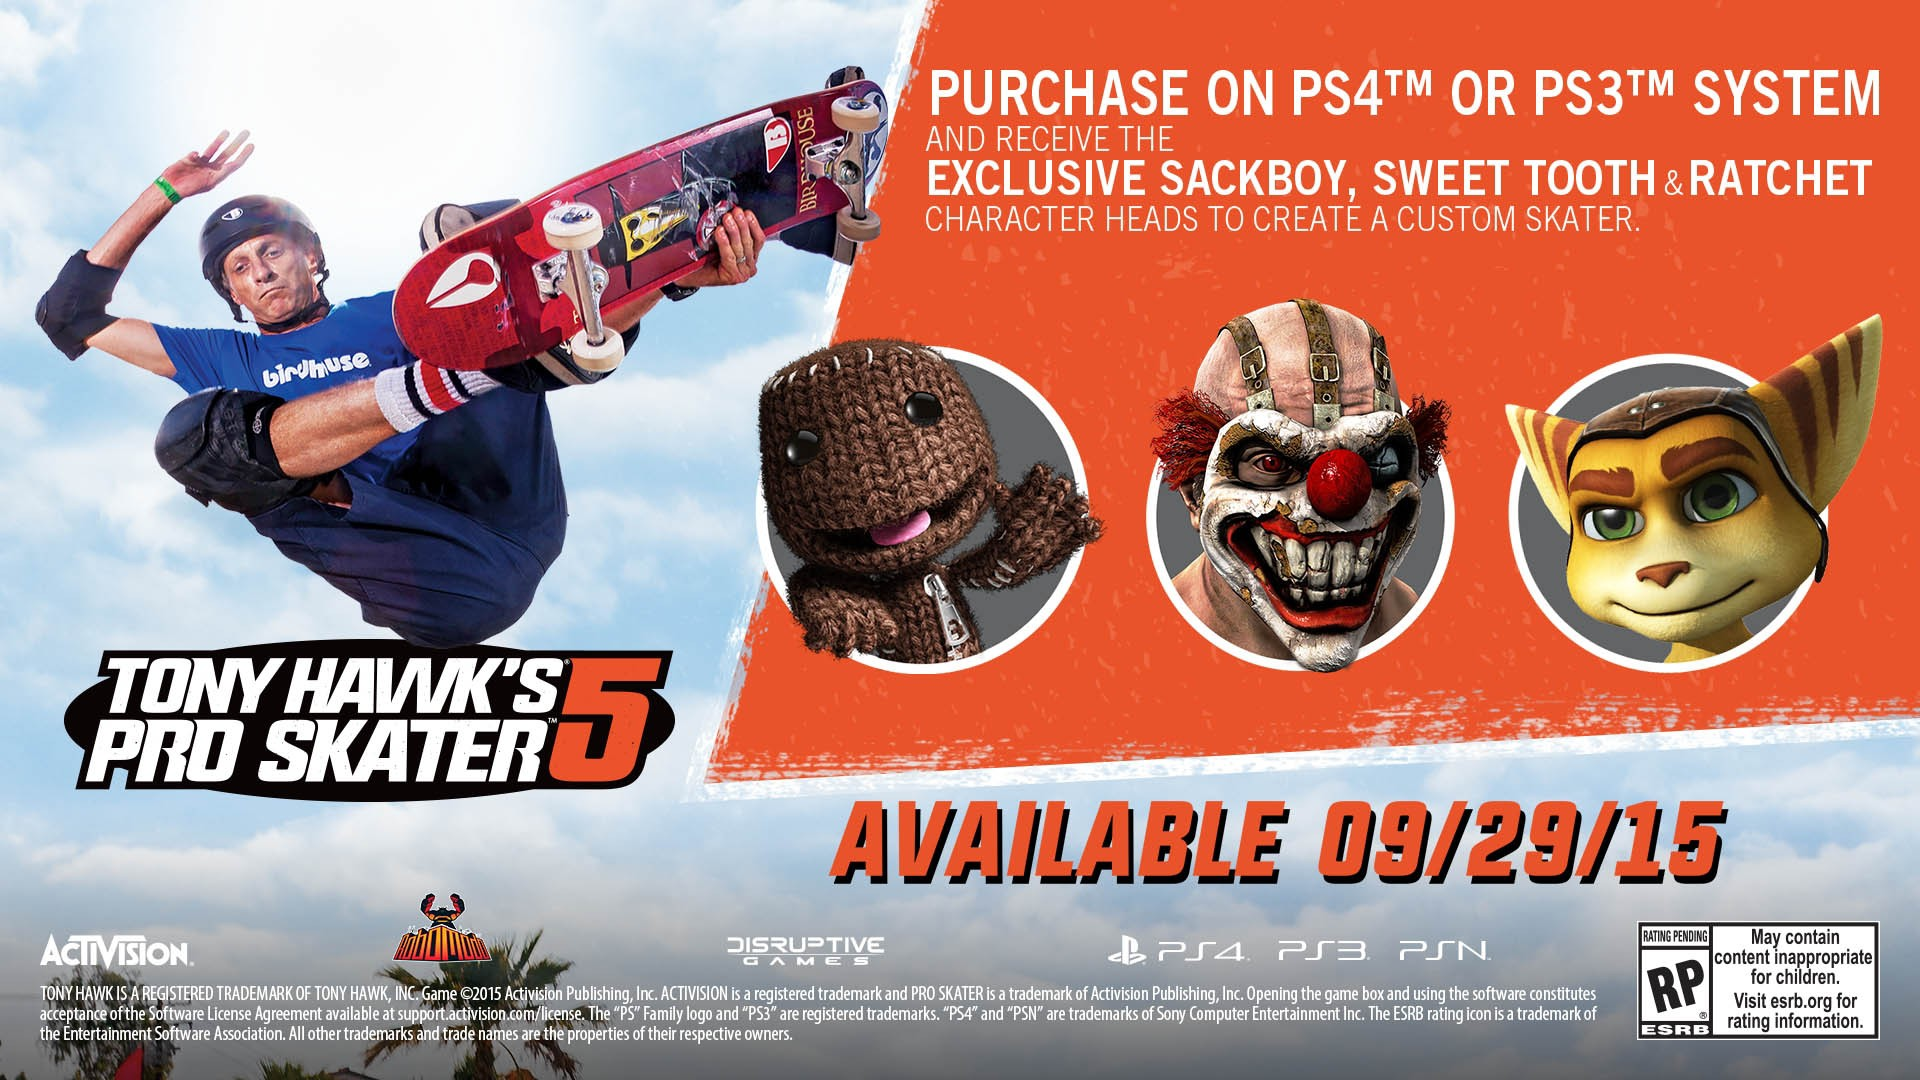 Tony Hawk Pro Skater 5 Personnages speciaux en bande annonce